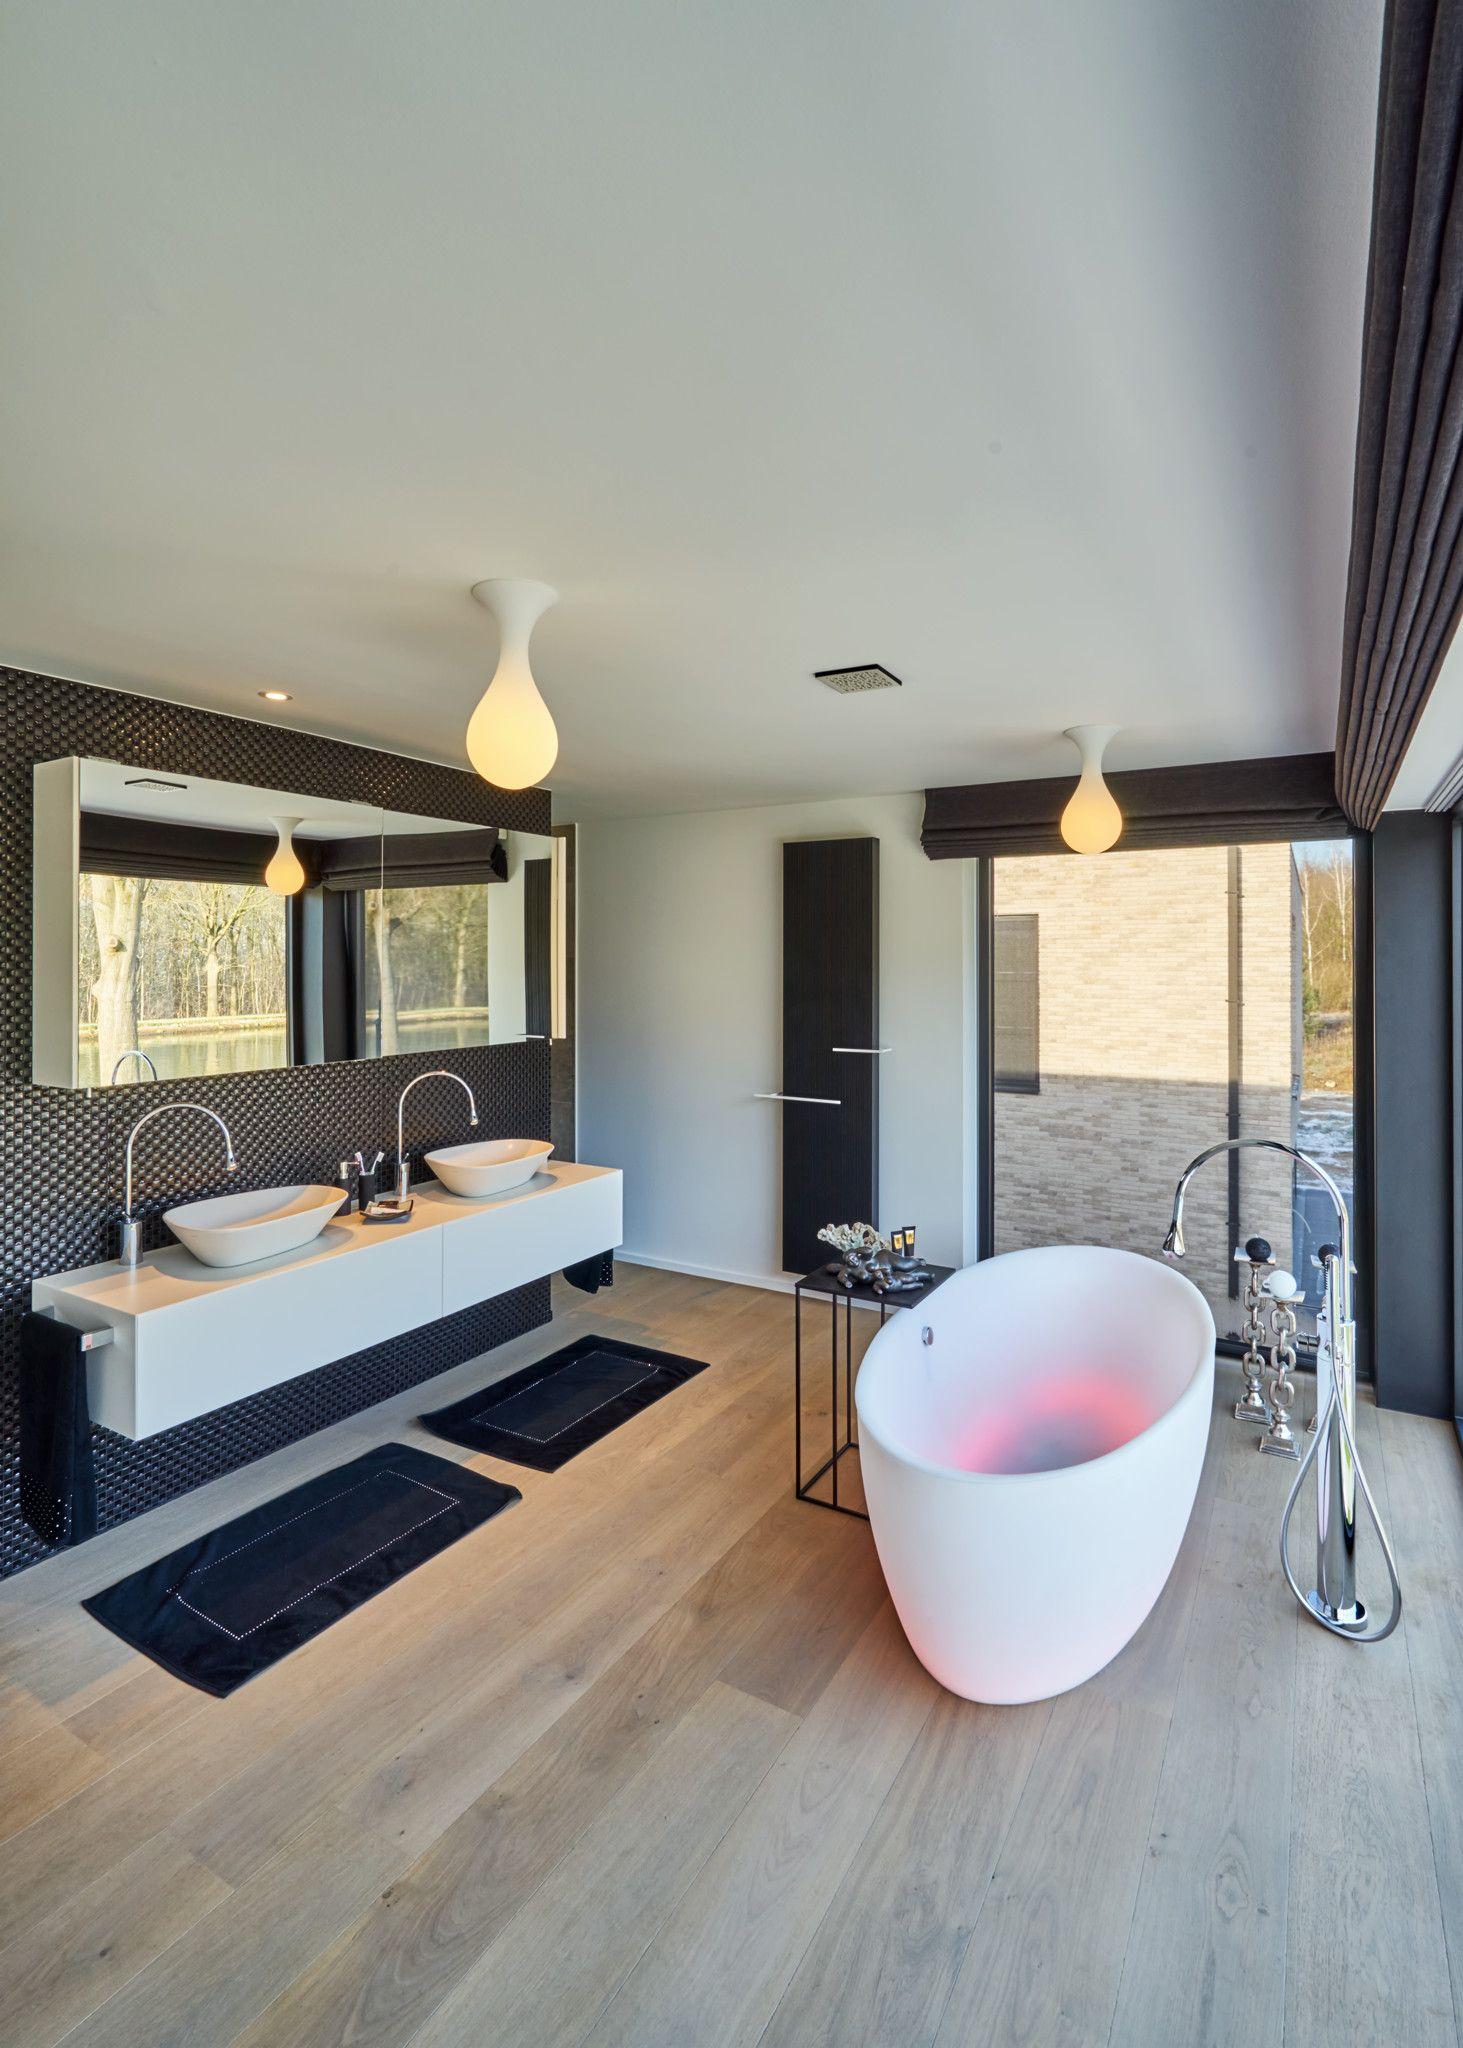 Moderne badkamer met een vrijstaand bad met ingebouwde ledverlichting.